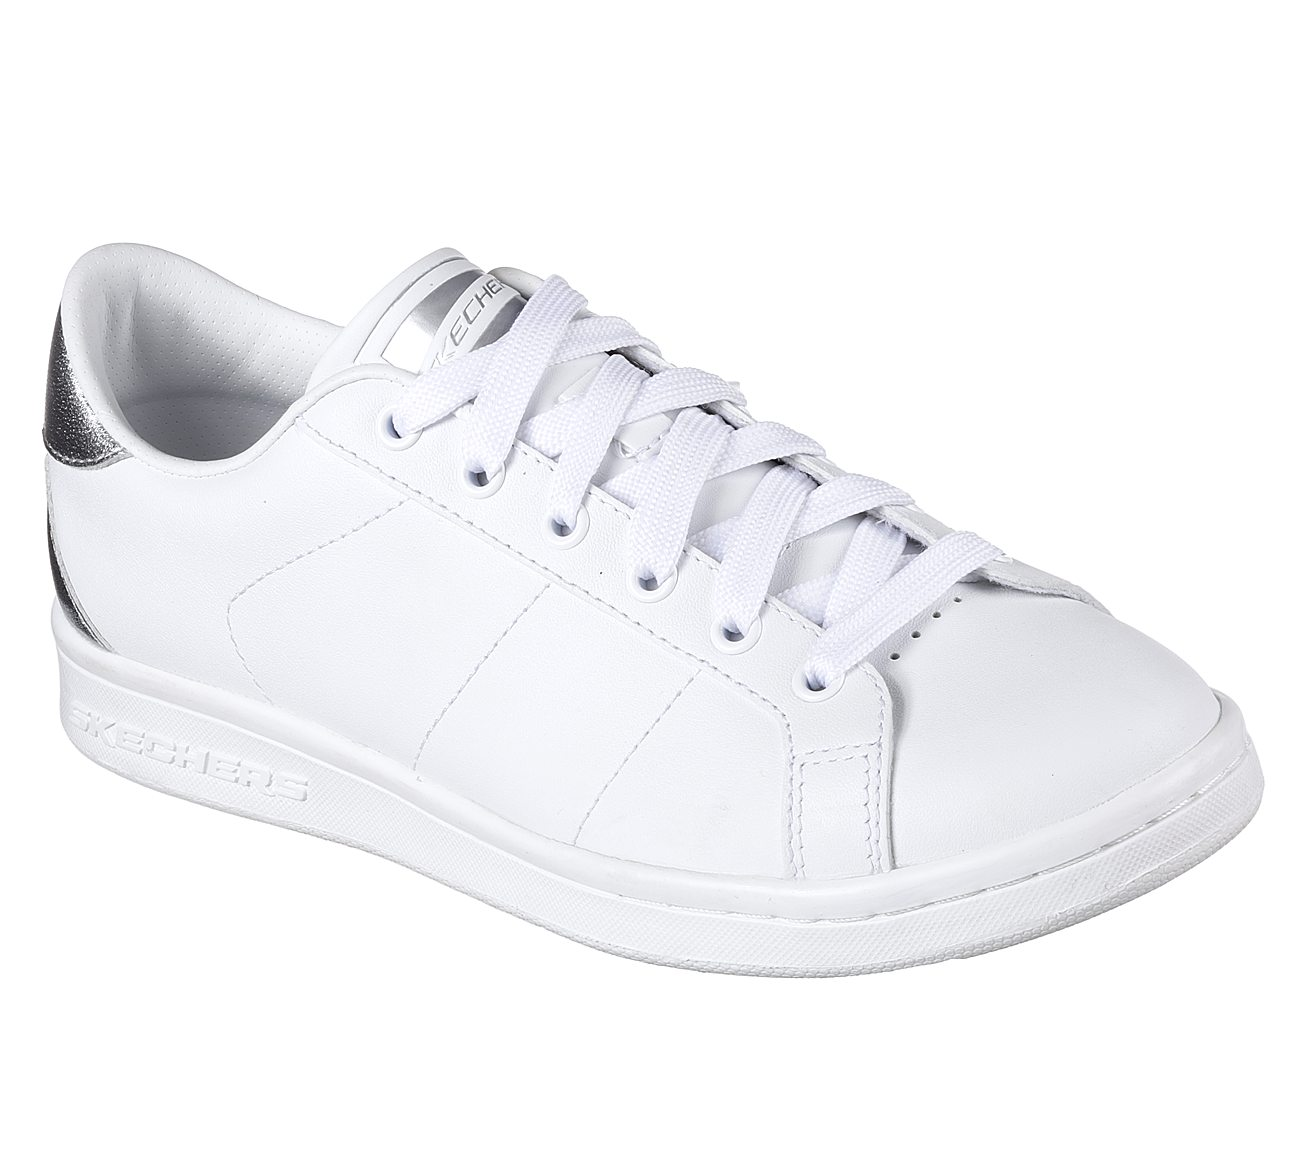 261dbd8e45e1 Buy SKECHERS Omne - Kort Klassix SKECHERS Originals Shoes only £54.00